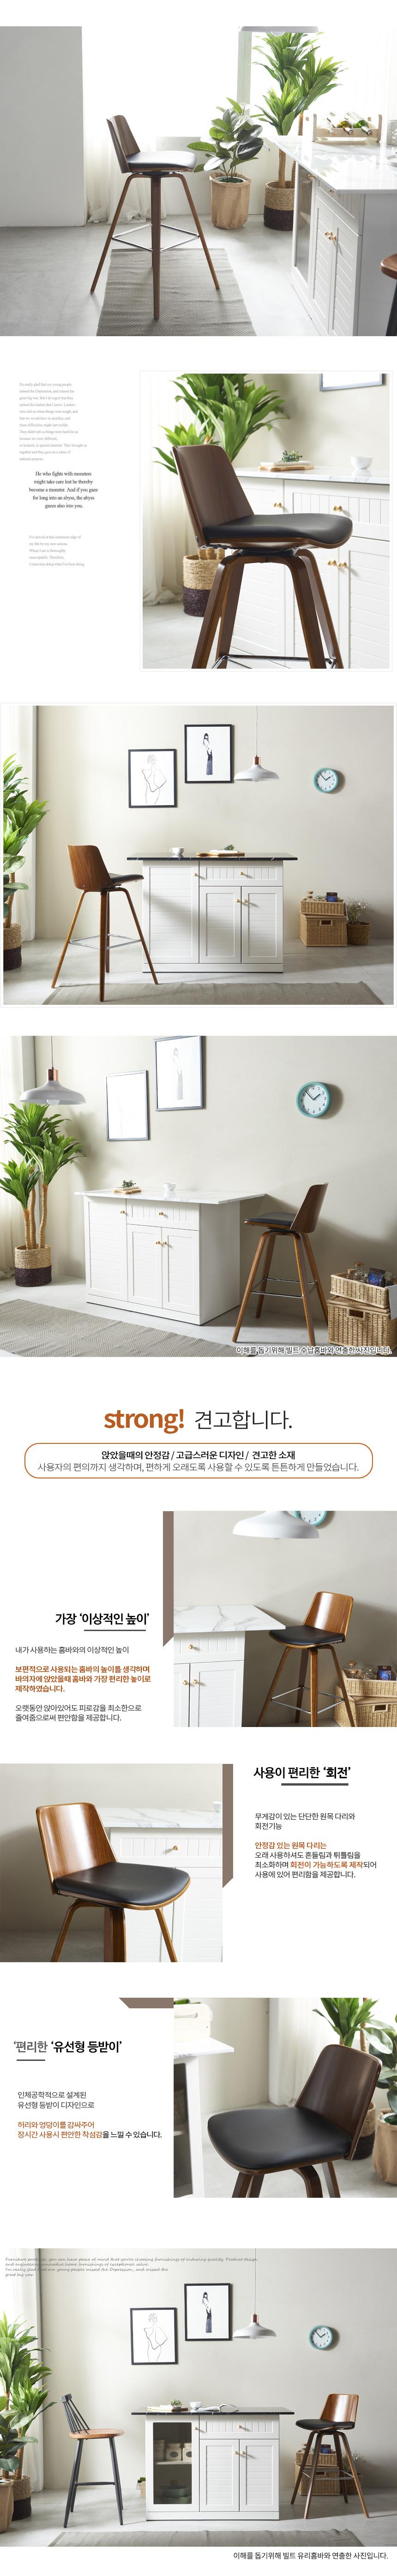 텔라 빠체어 - (주)동화속나무, 138,000원, 디자인 의자, 디자인 의자